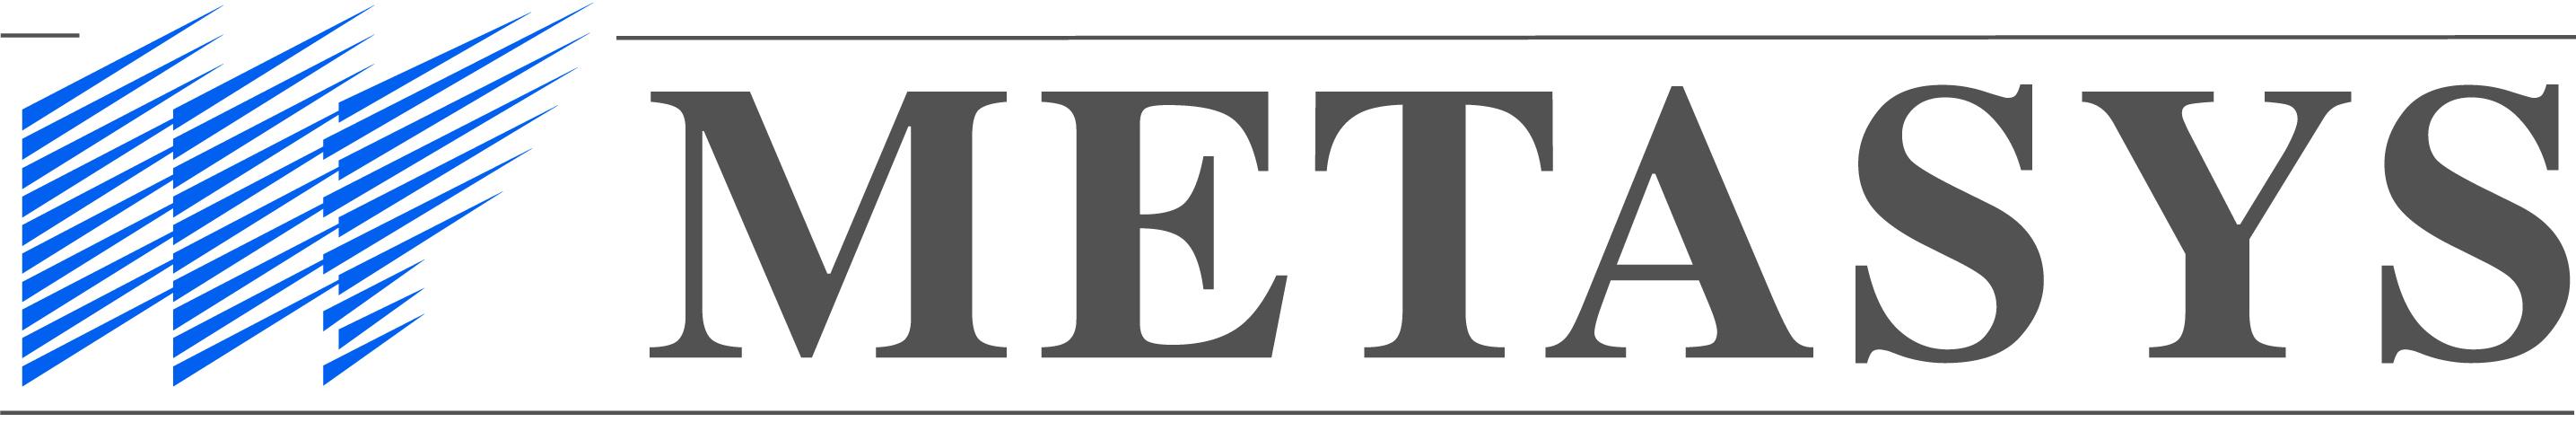 met001_logo-metasys